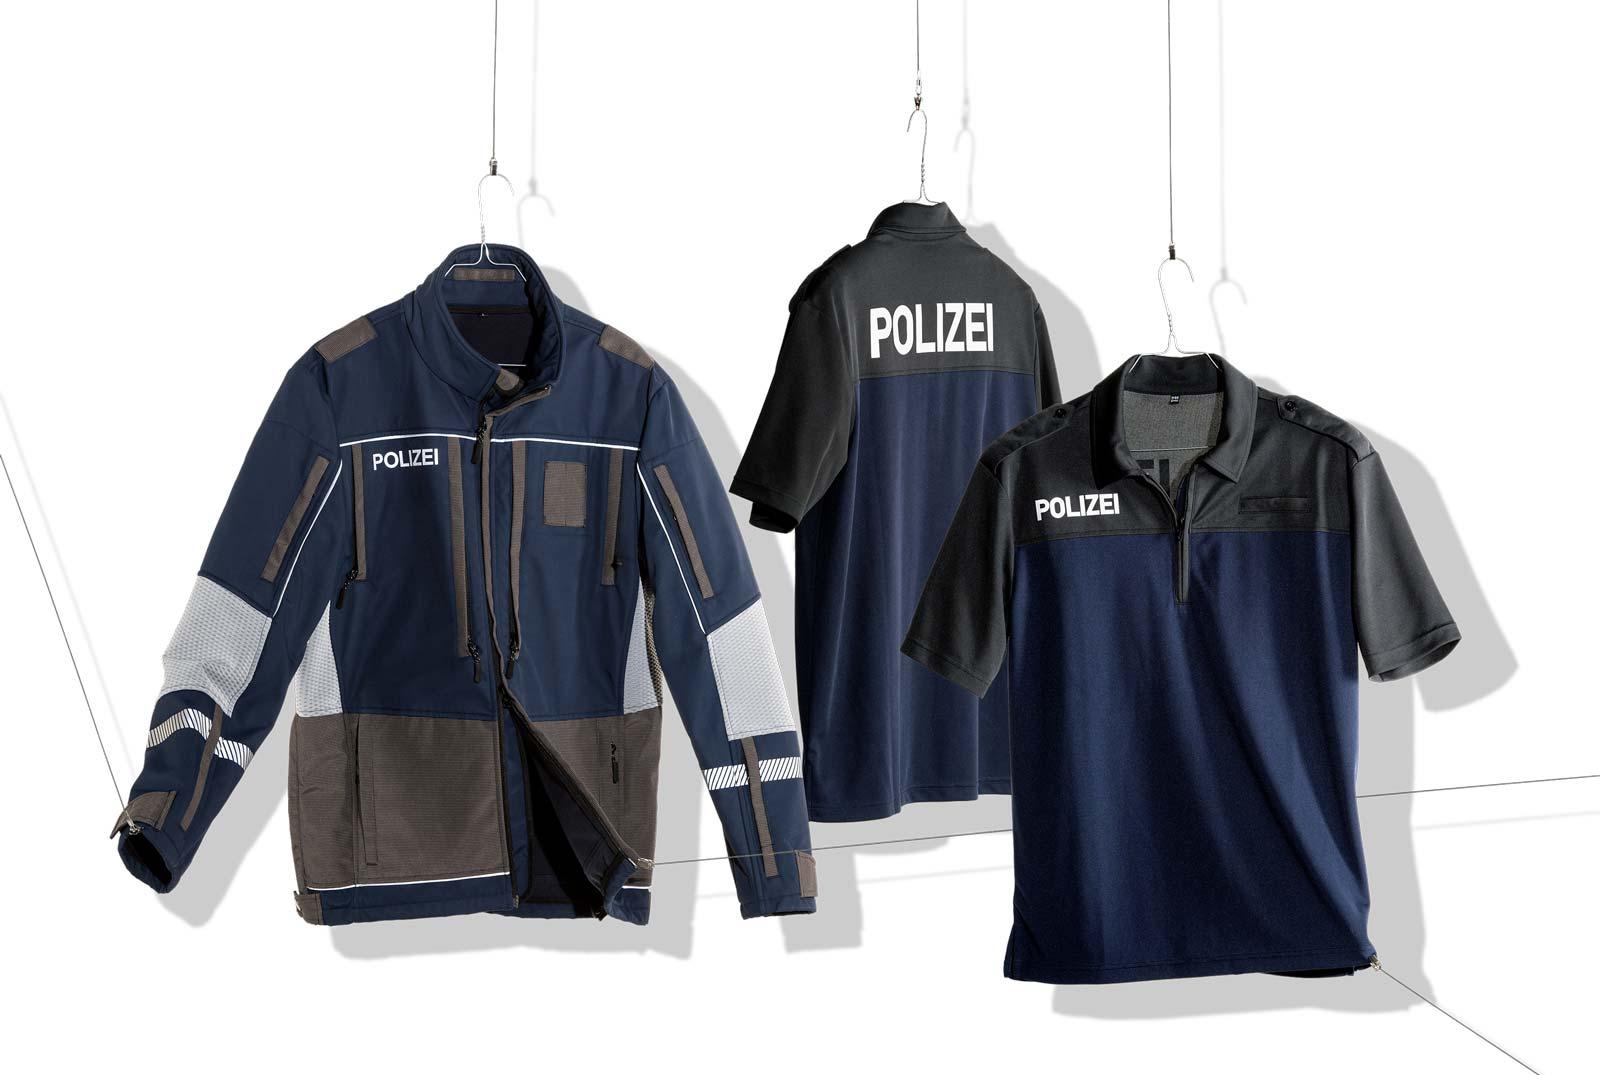 Polizeijacke, Poloshirt und Hemd